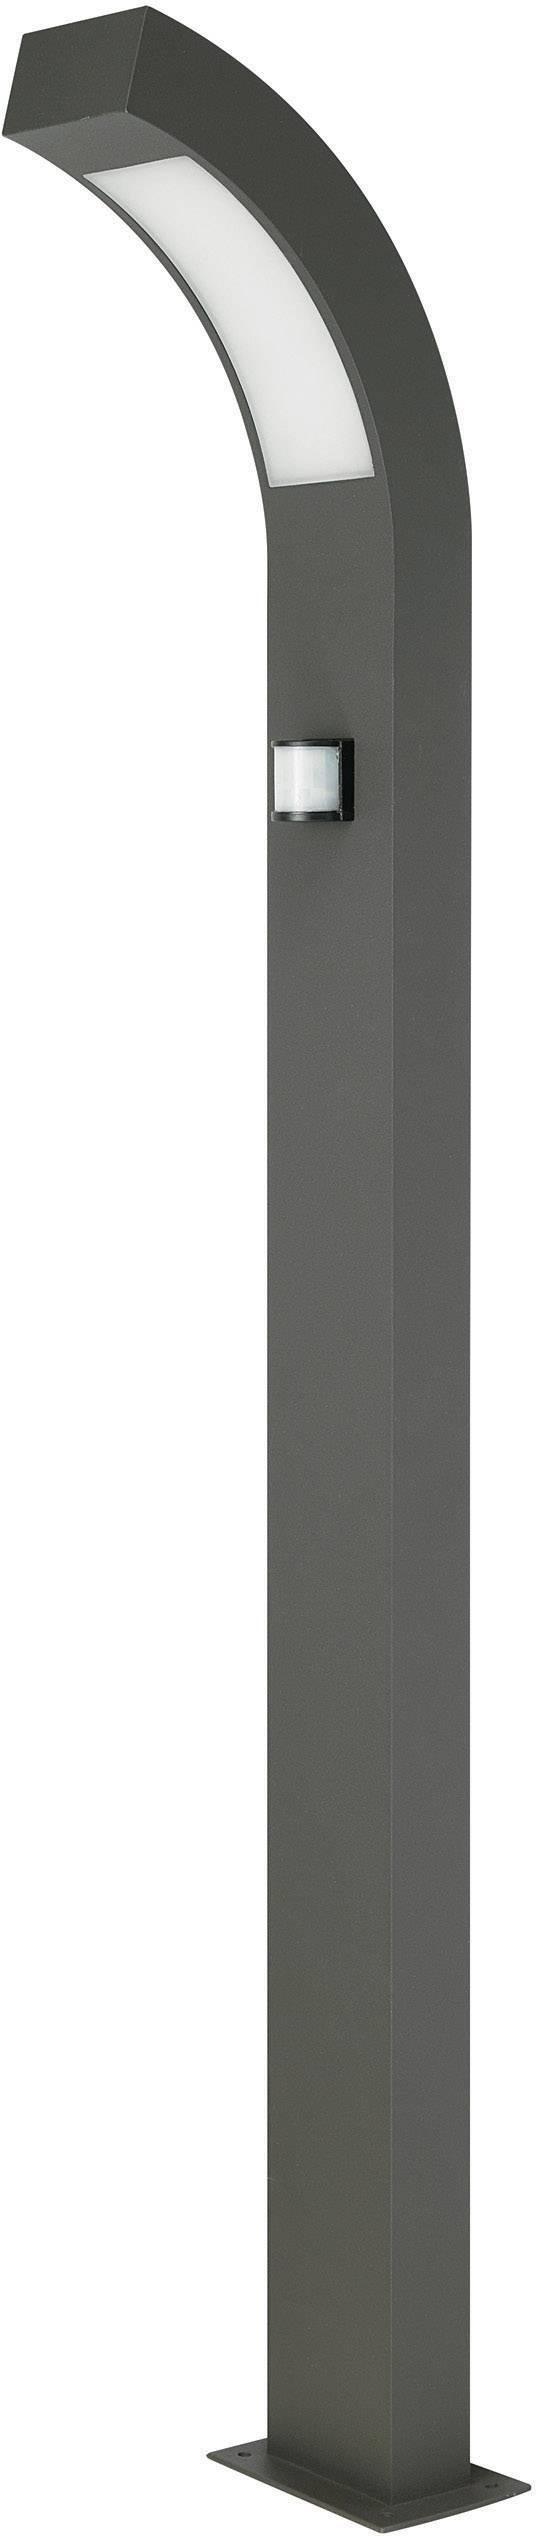 LEDvonkajšiastojaca lampas PIR senzorom Prebent 12537-1000, 3.84 W, teplá biela, antracitová